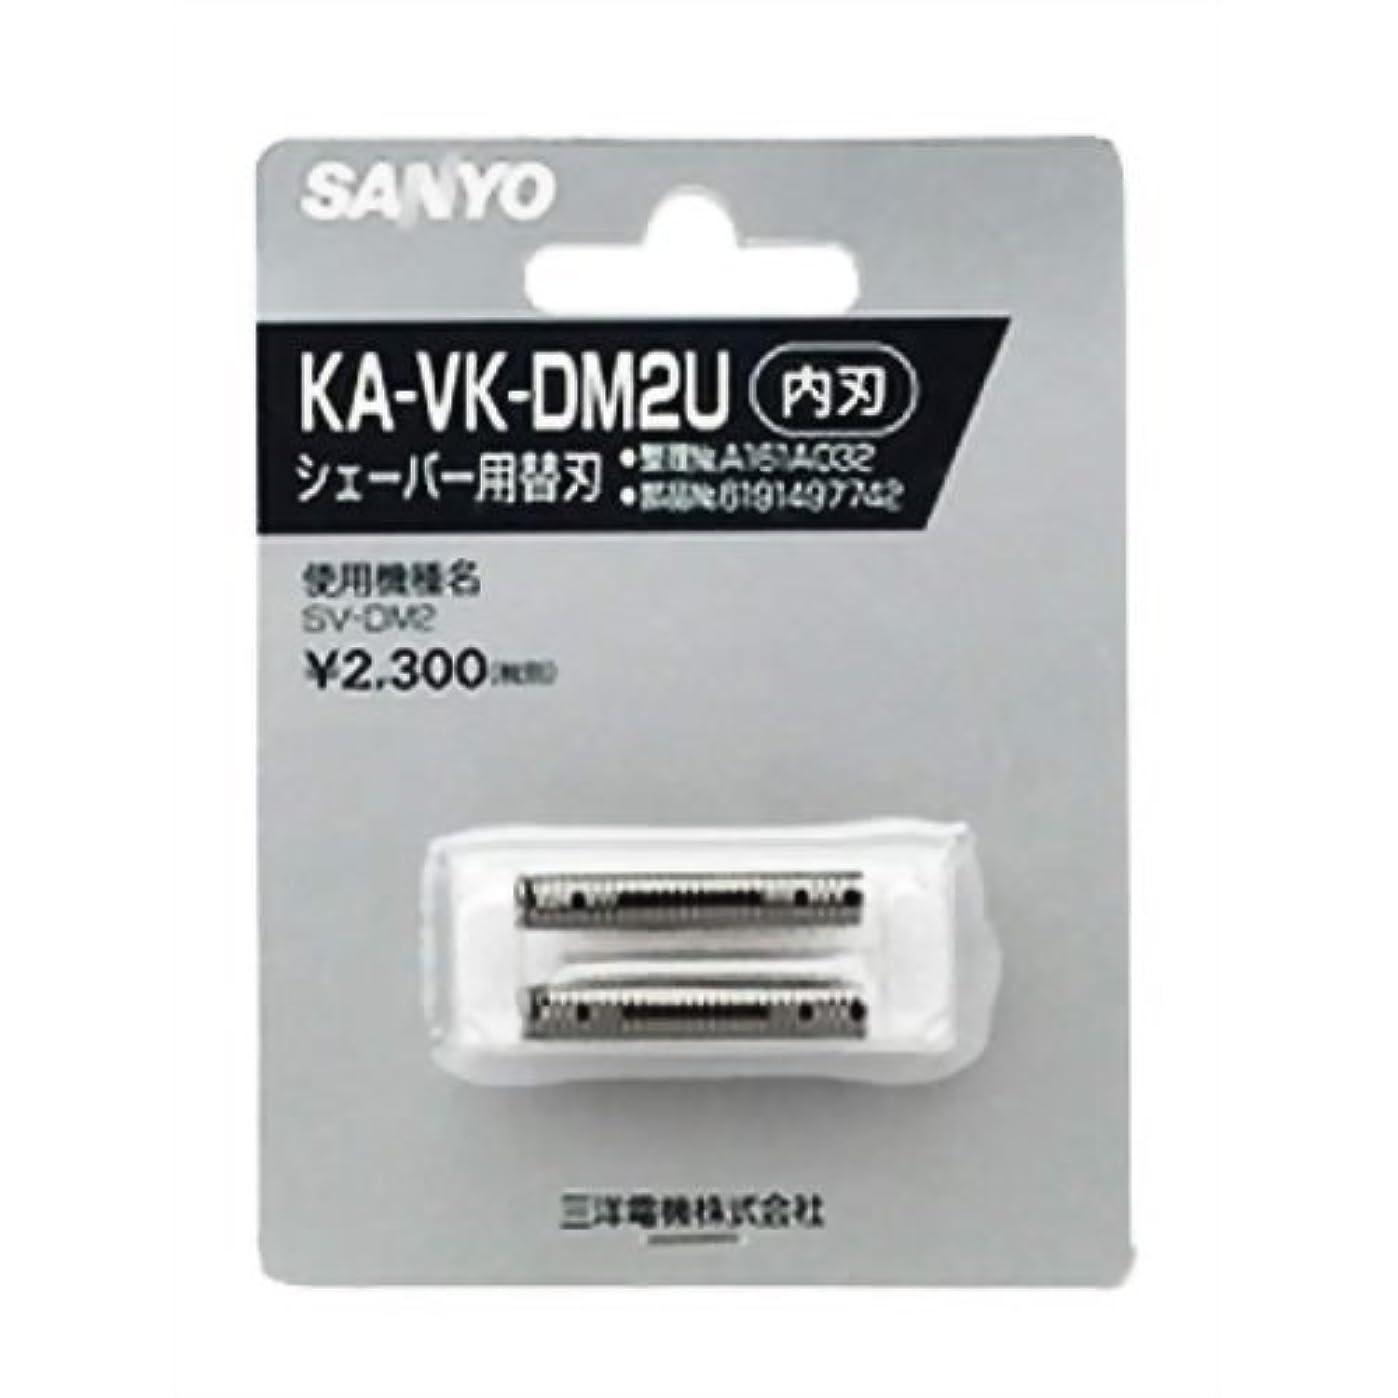 に対応気晴らし古風なSANYO (サンヨー) KA-VK-DM2U シェーバー替刃 (内刃)